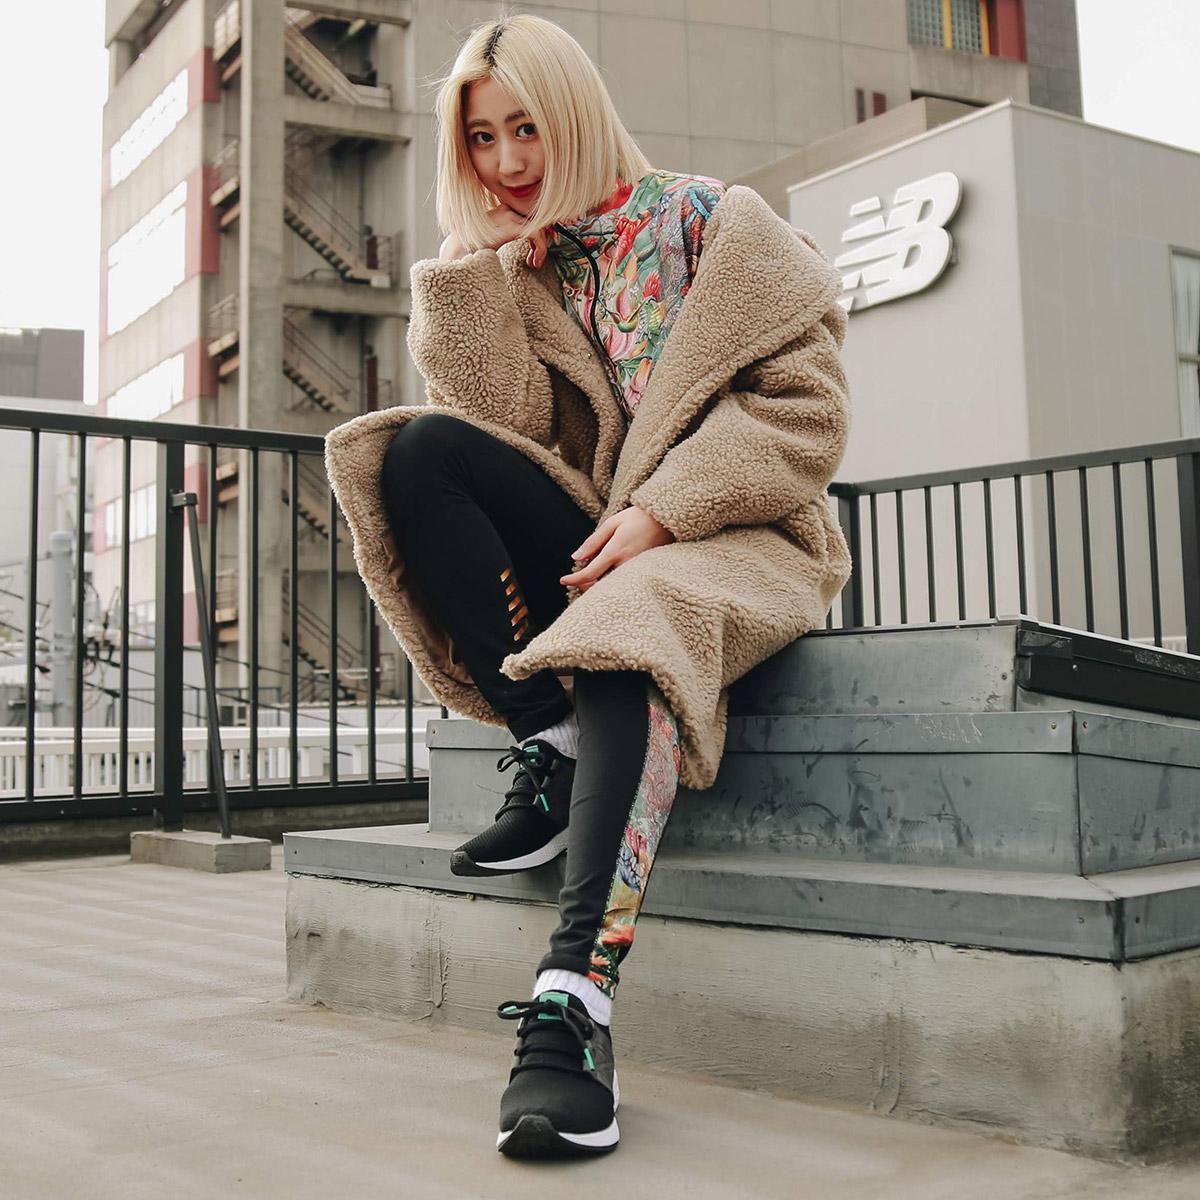 New Balance SWEET NECTAR LEGGINGS (ニューバランス NB スウェット ネクター レギンス)BLACKMULTI【メンズ レディース レギンス】19SS-I